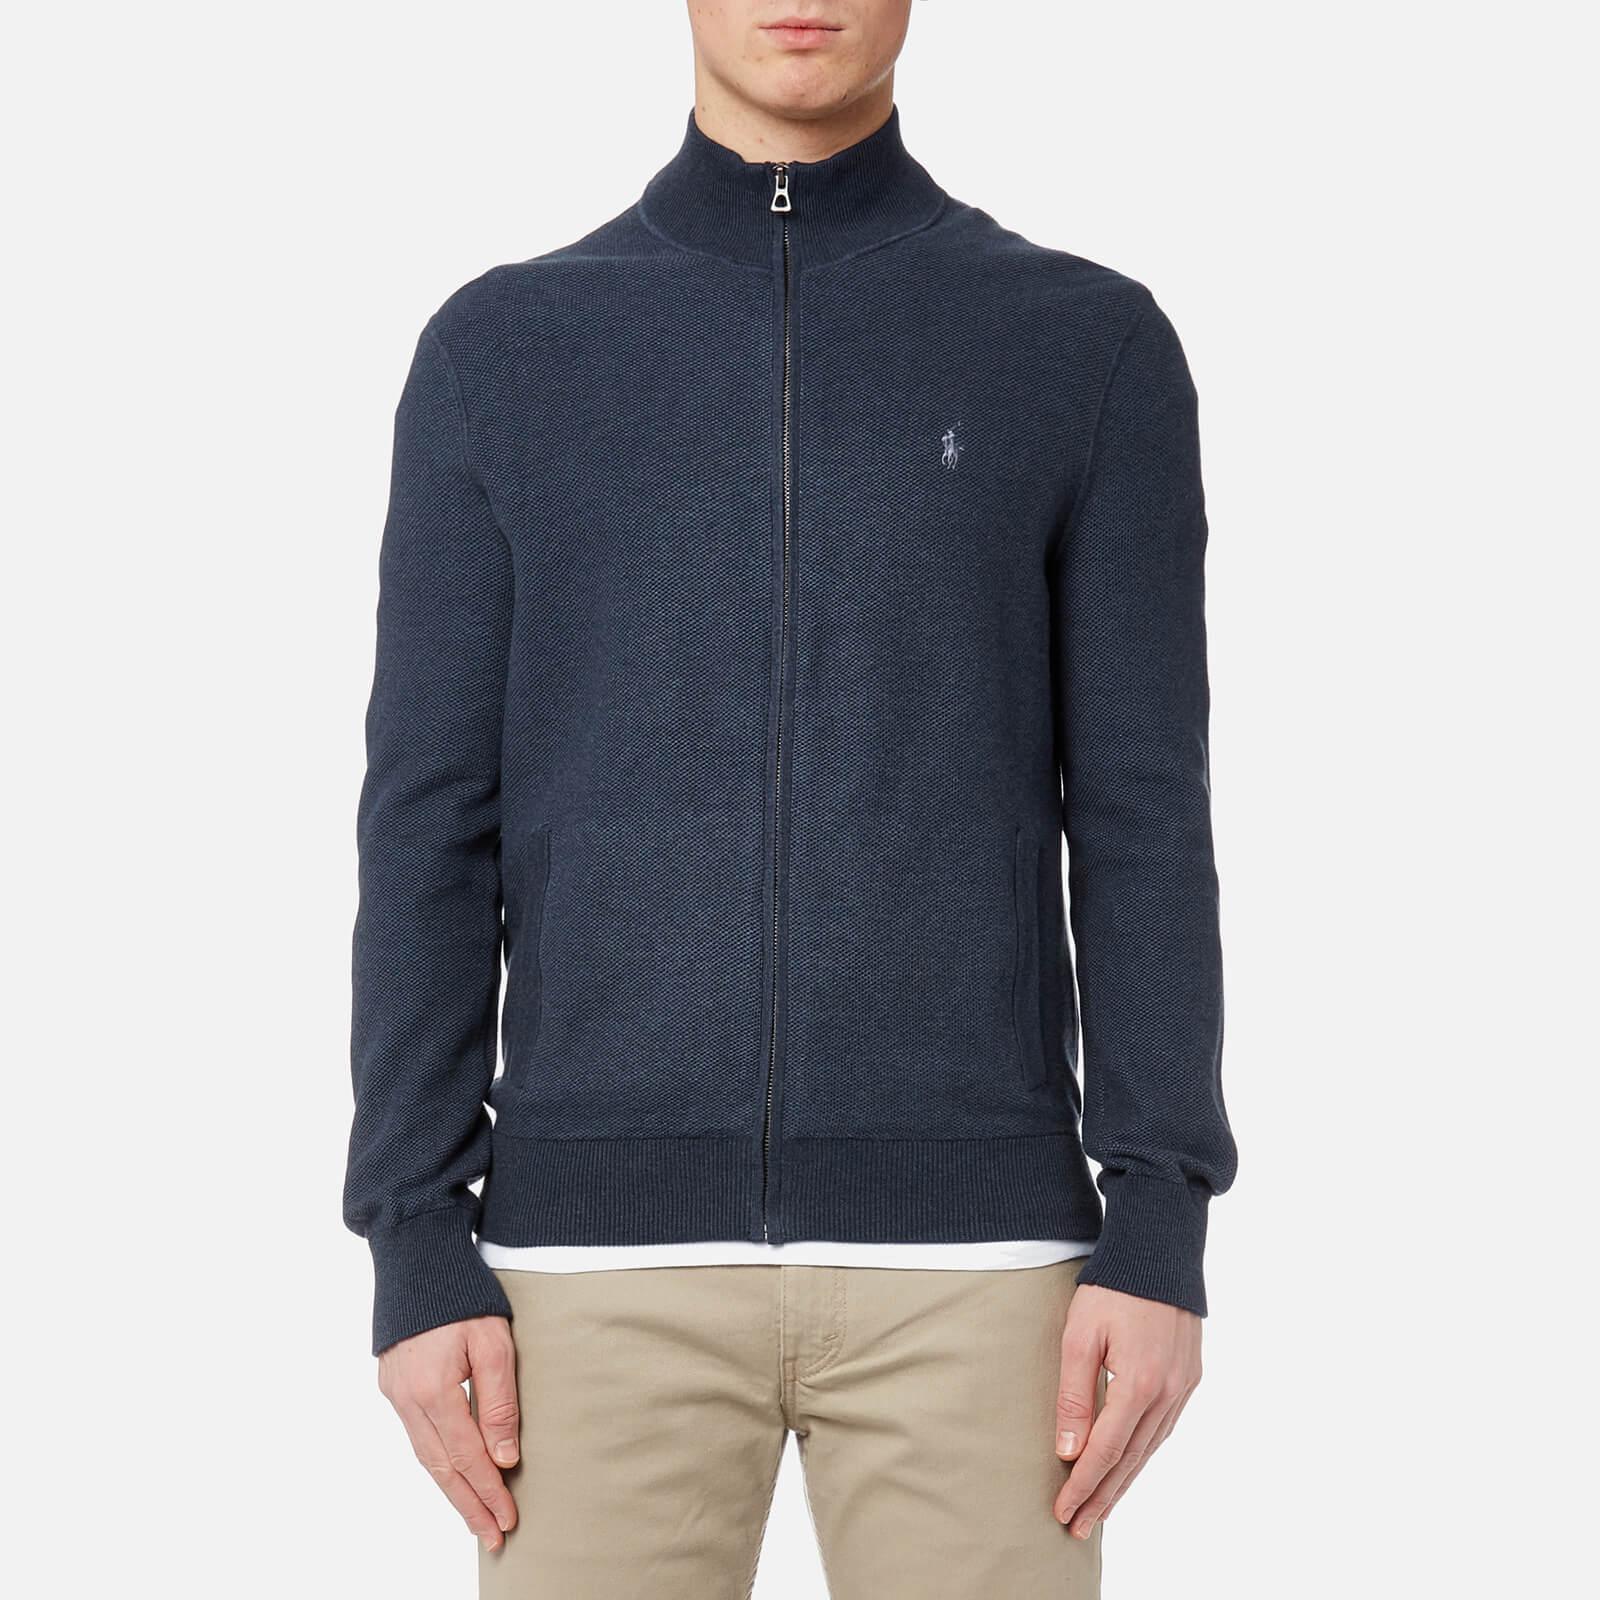 18691bf75b6f Polo Ralph Lauren Men s Full Zip Sweatshirt - Winter Navy Heather - Free UK  Delivery over £50